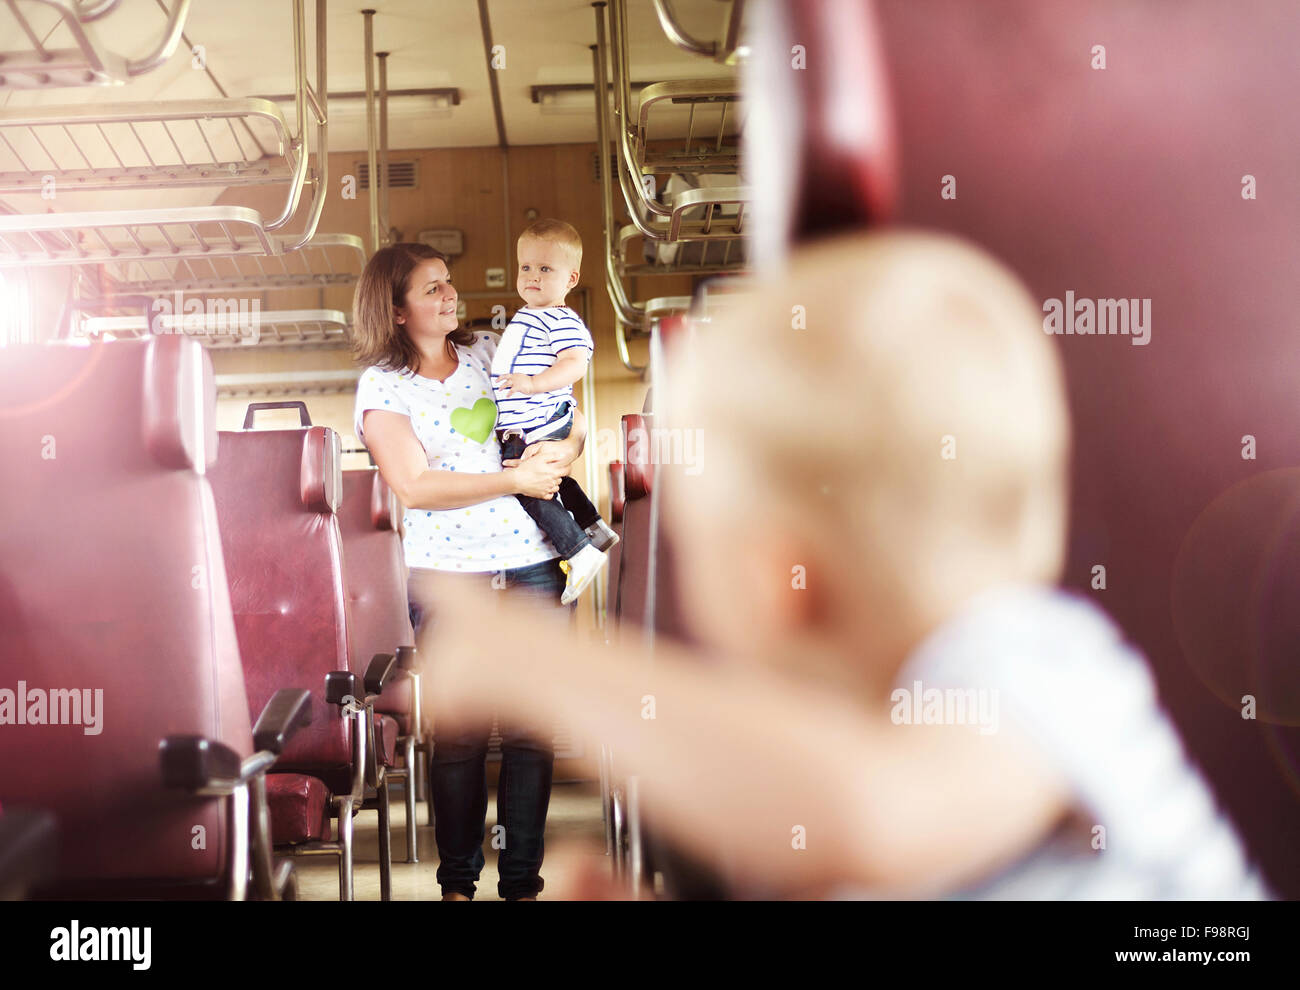 Famiglia con due bambini viaggiano in treno retrò. Foto Stock